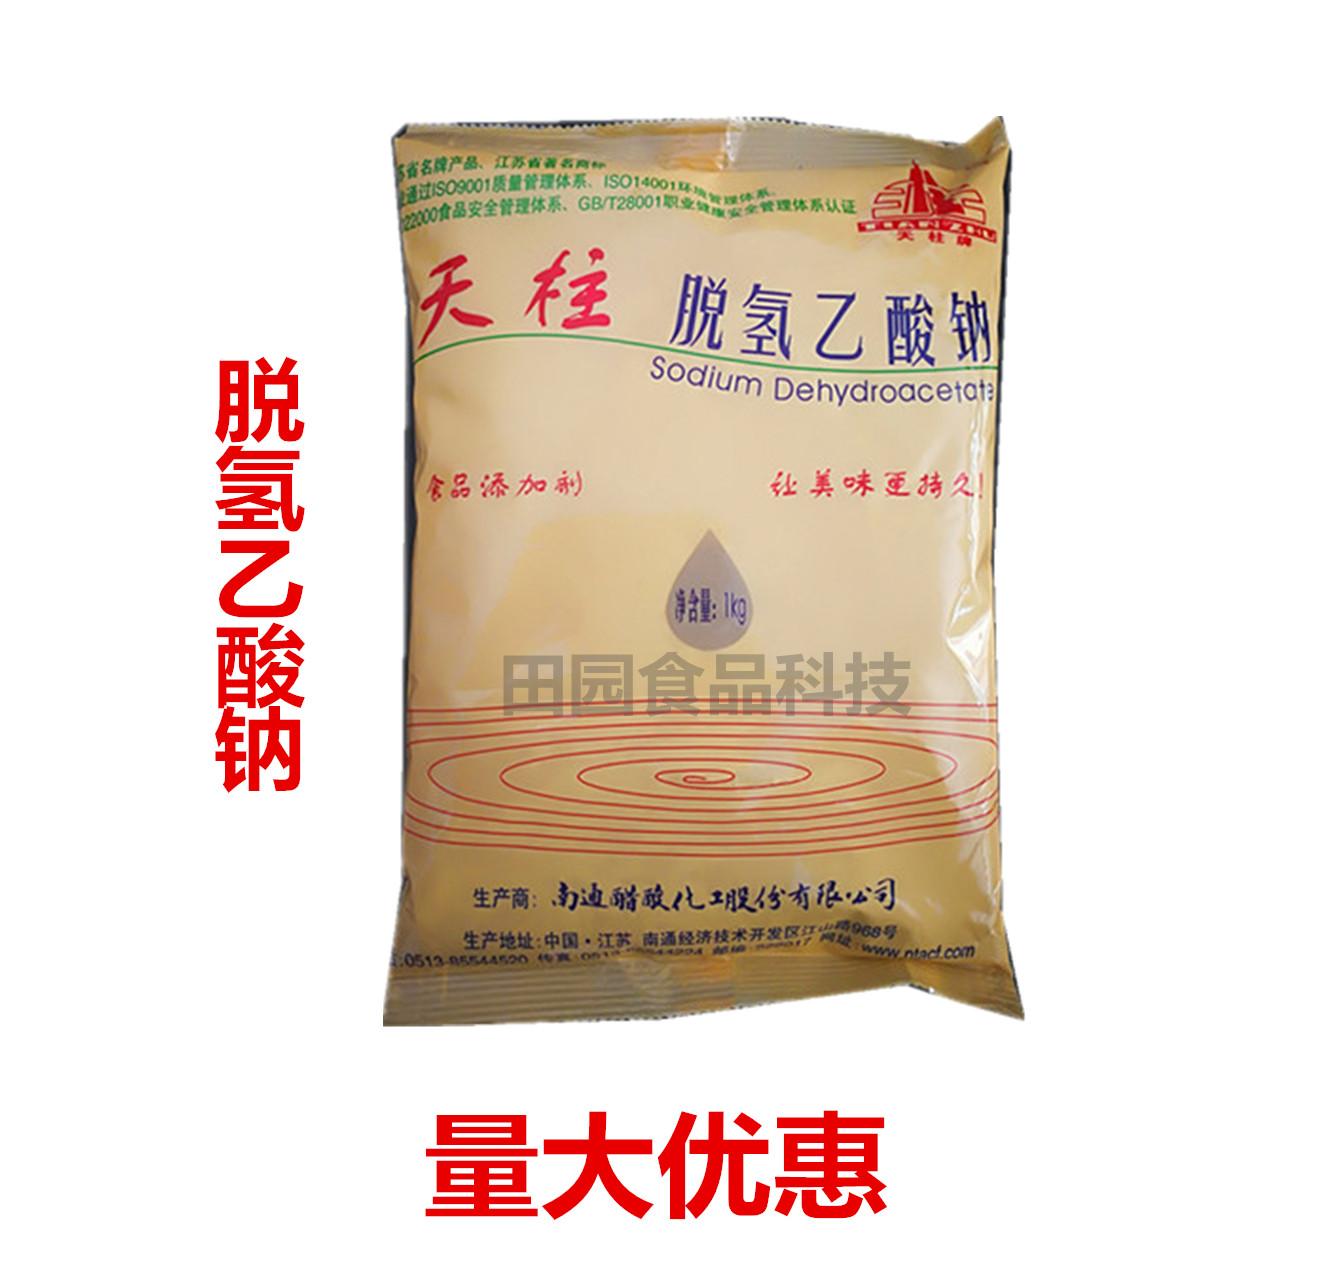 天柱脱氢乙酸钠 肉制品烘培面包蛋糕腌制品用防腐剂防霉保鲜剂1kg